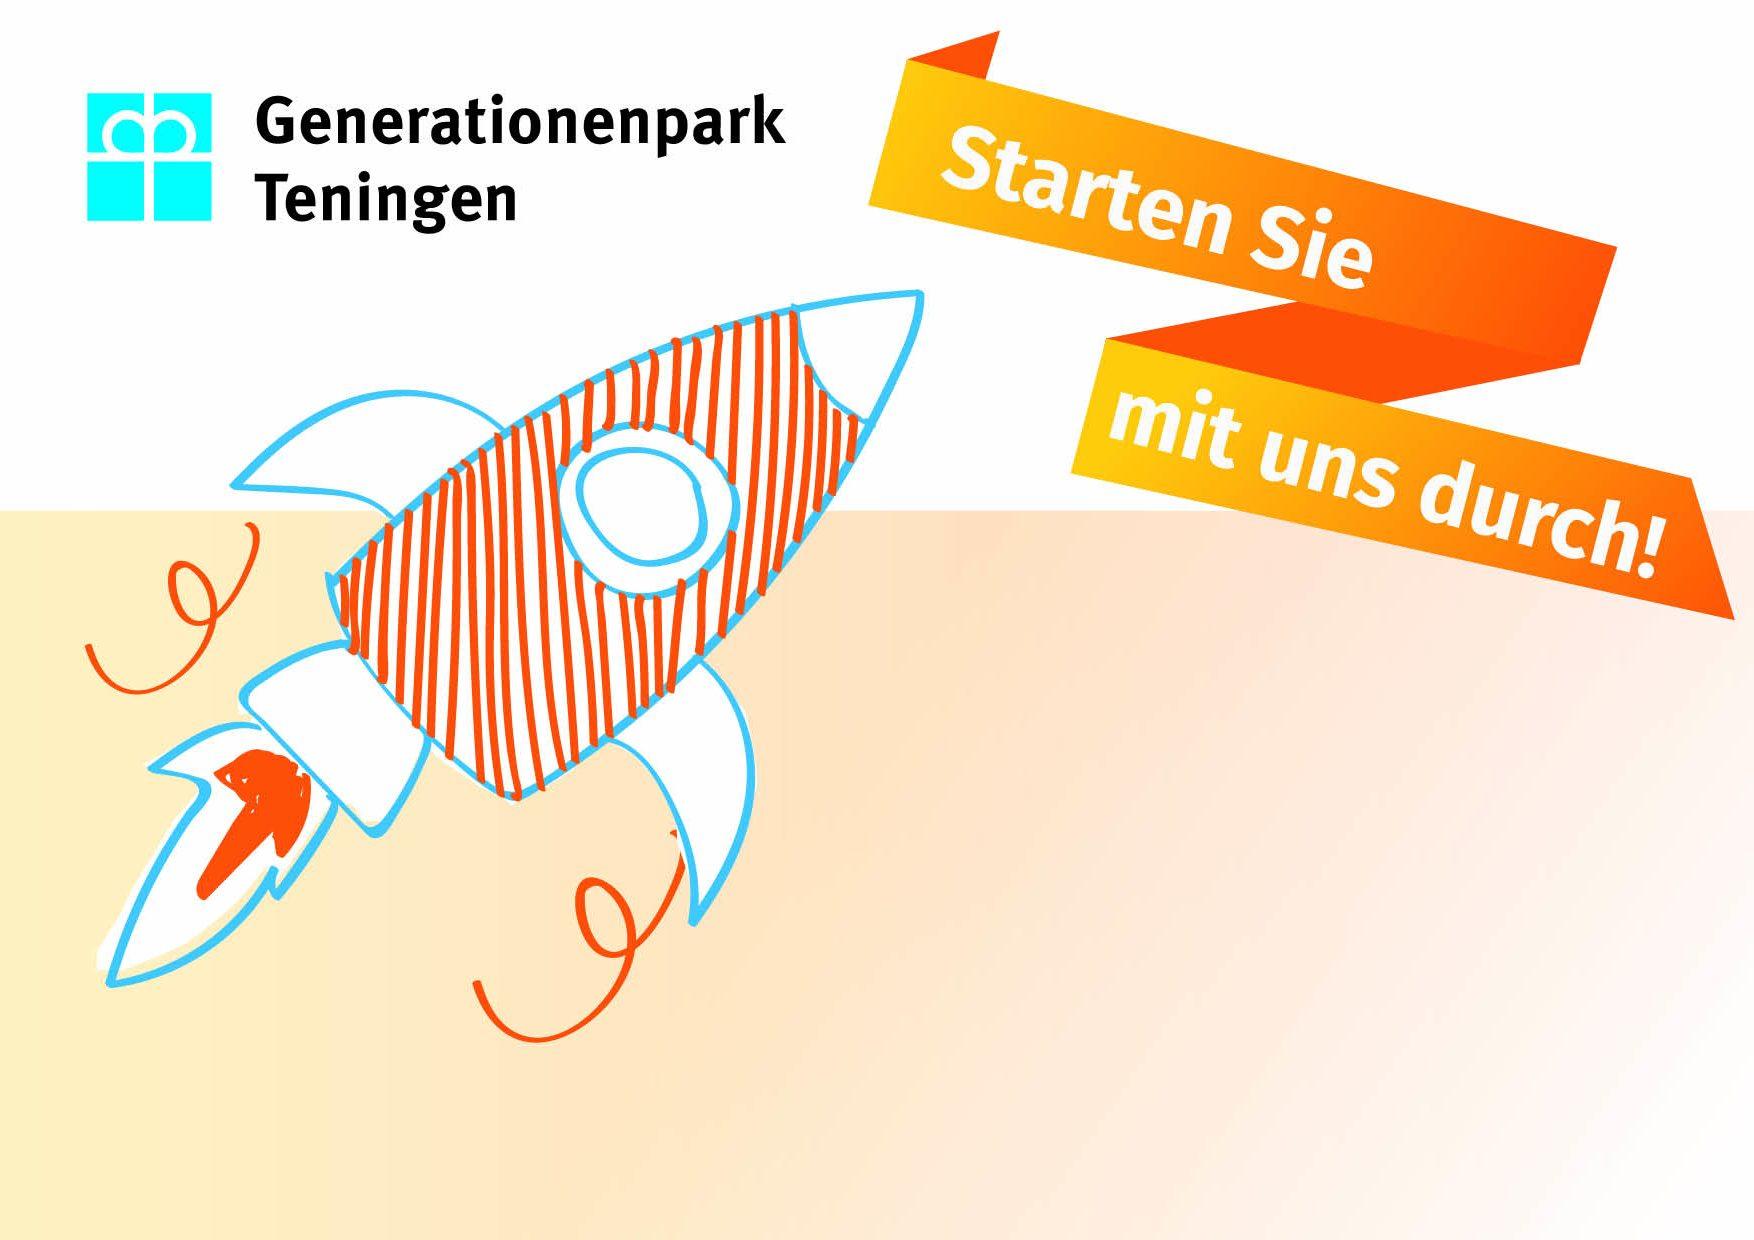 Starten Sie mit dem Generationenpark Teningen durch!